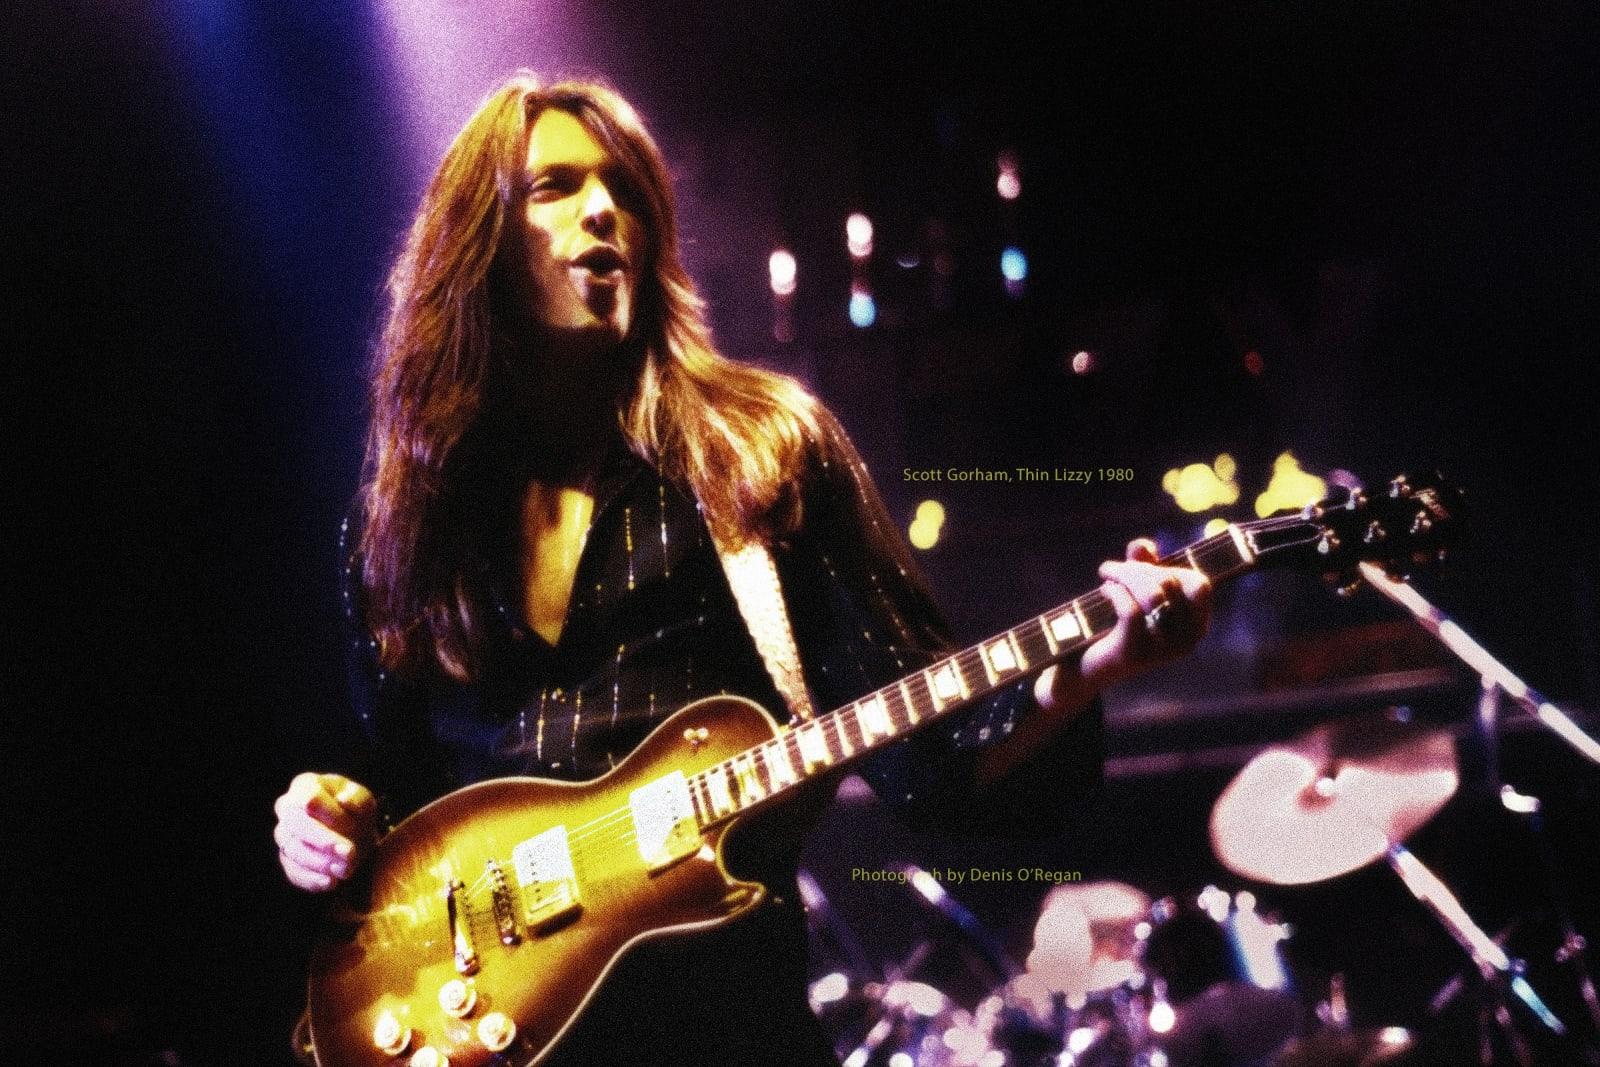 THIN LIZZY, Scott Gorham live, 1980